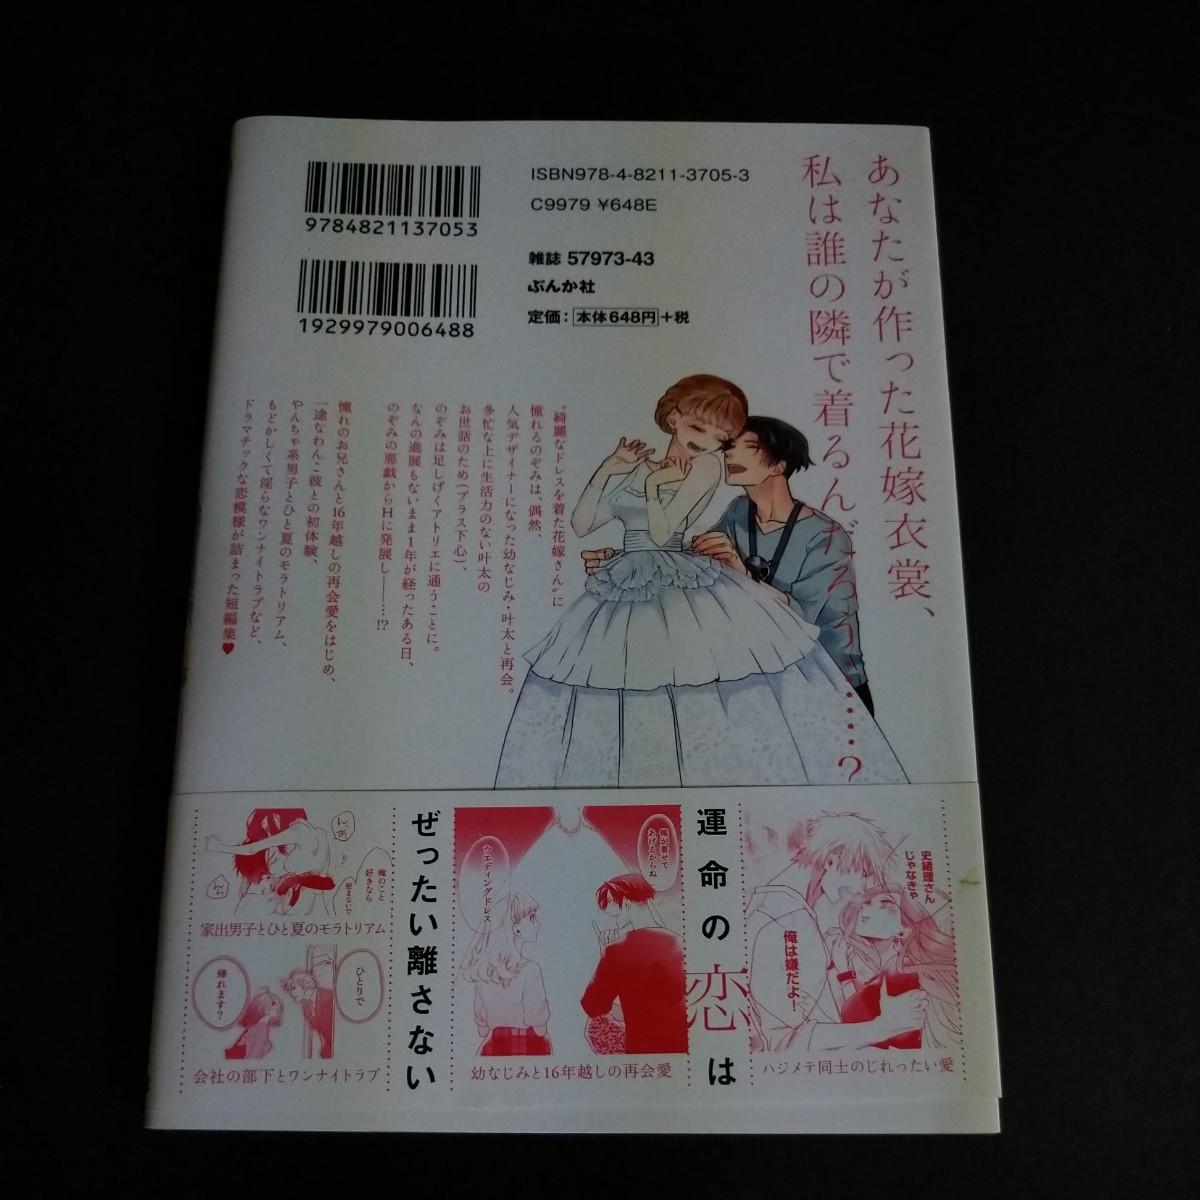 ★帯付★ 純白ドレスに赤い糸 あまいろちゆ ぶんか社 初版